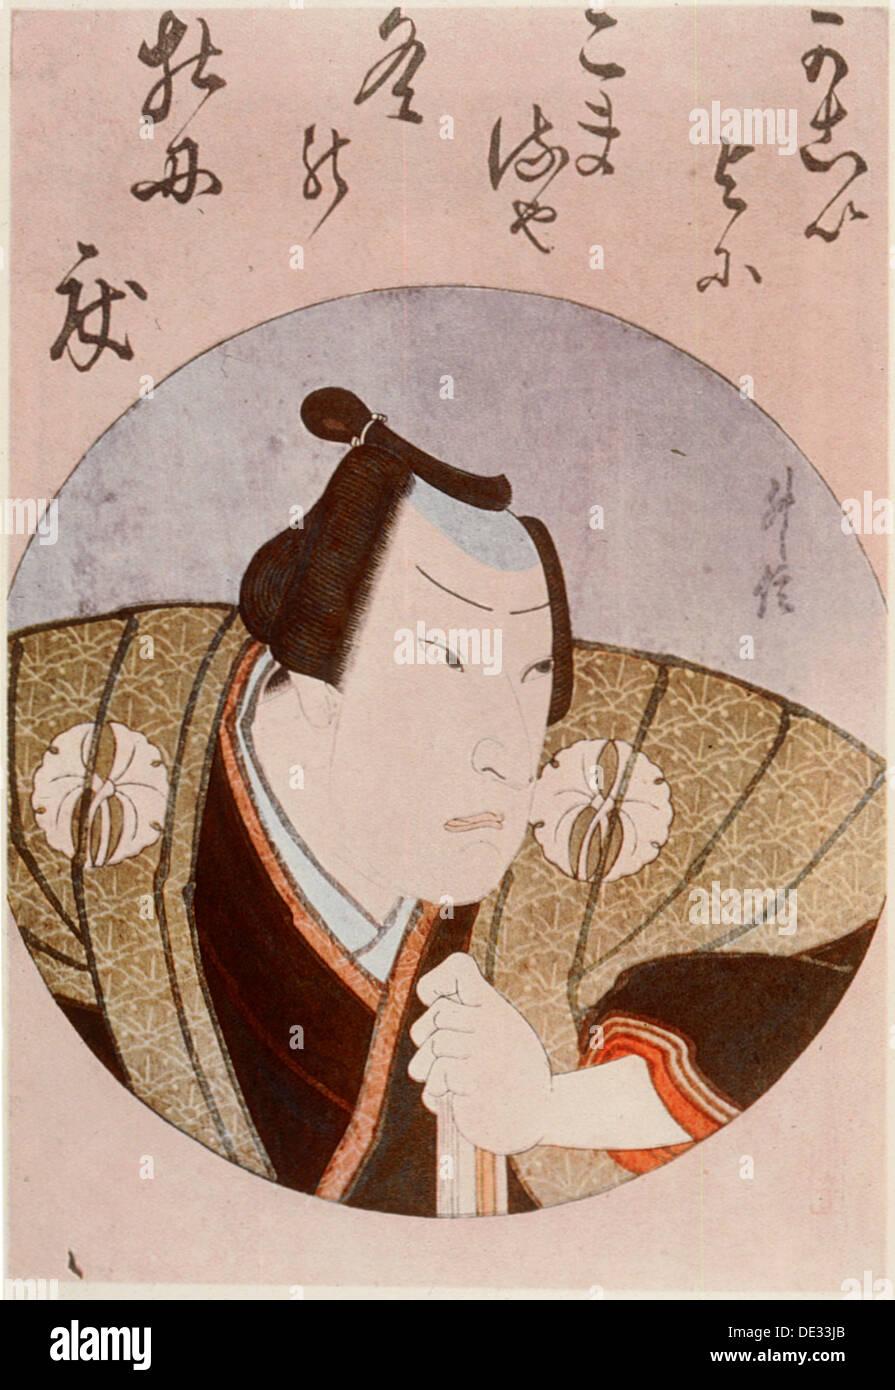 Xilogravura de Osaka retratar um ator do teatro Kabuki desempenhando um papel desconhecido. Imagens de Stock